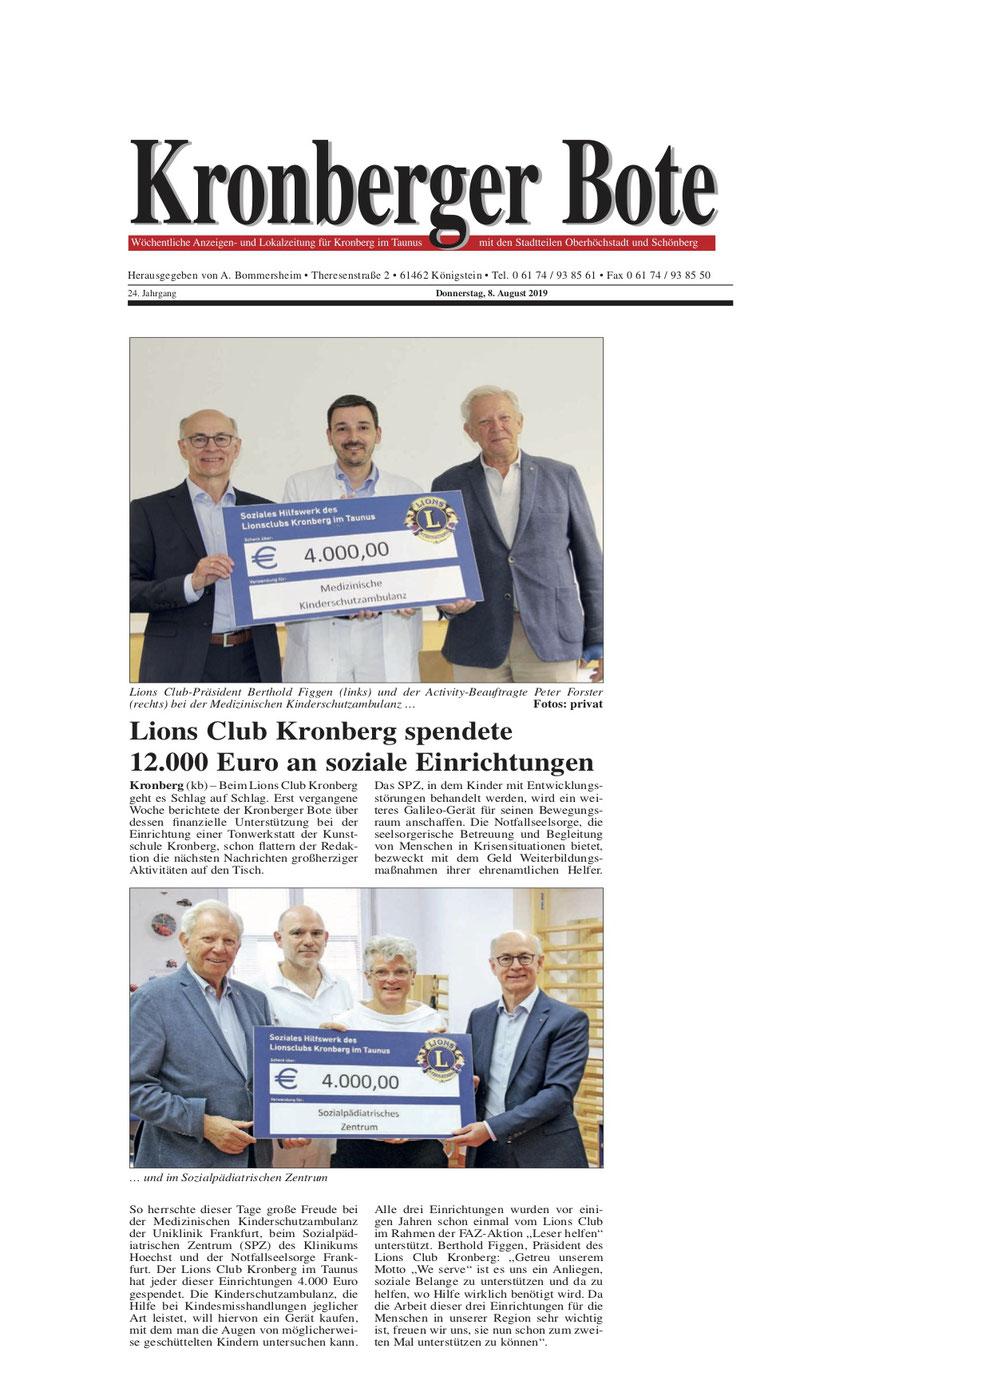 Kronberger Bote Artikel Lions Club Kronberg spendete 12.000 Euro an soziale Einrichtungen - Lions Kronberg